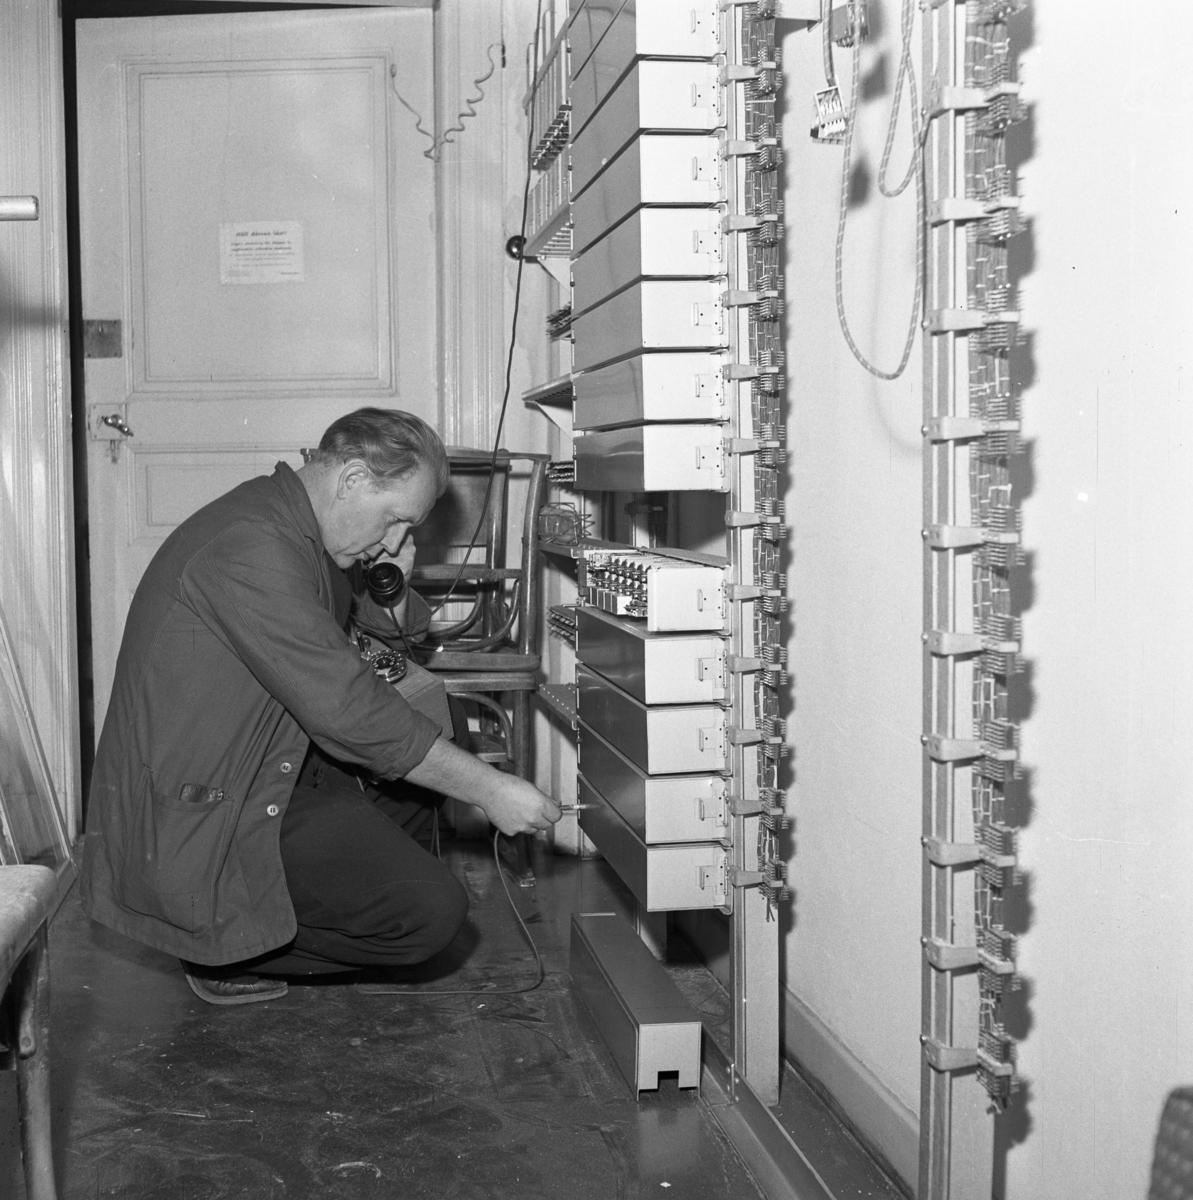 Efter branden på Televerket på Nygatan Lagningsarbete. En reparatör lyssnar i telefonluren.